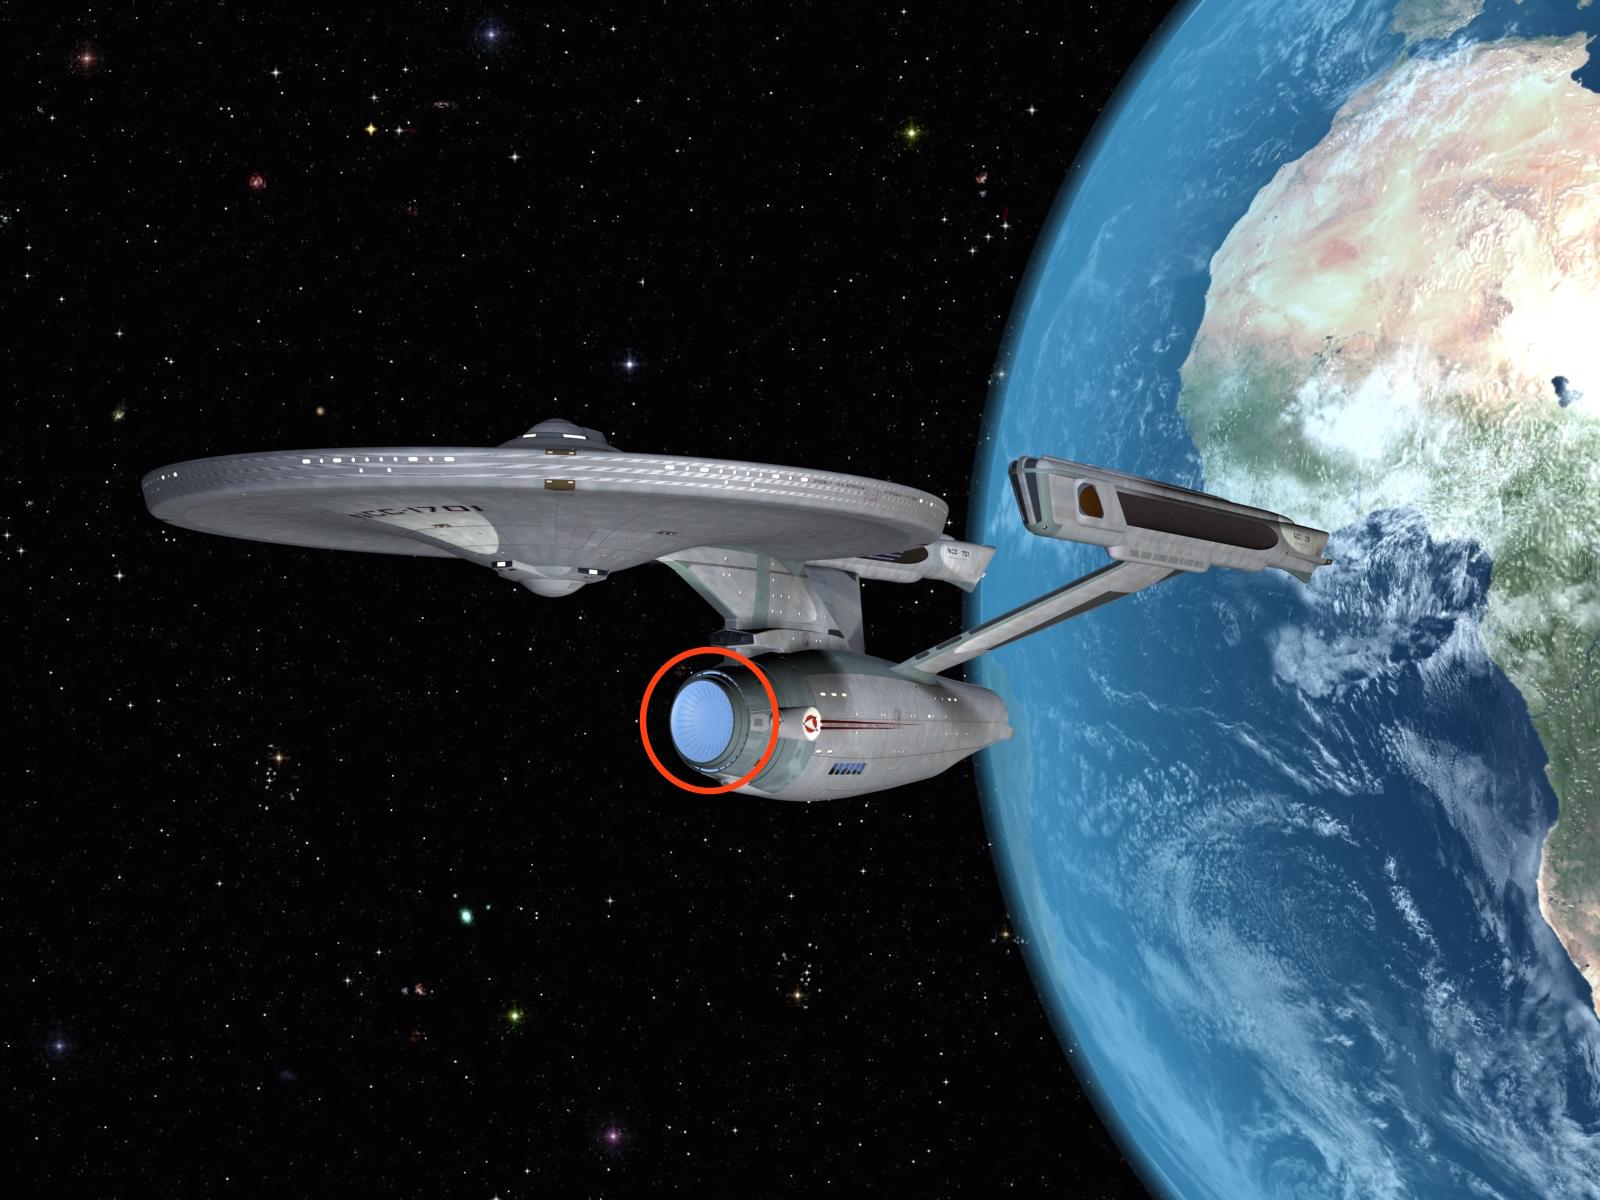 bk33NhA_ayZYgl_USS_Enterprise_NCC_1701_A_by_cb93.jpg